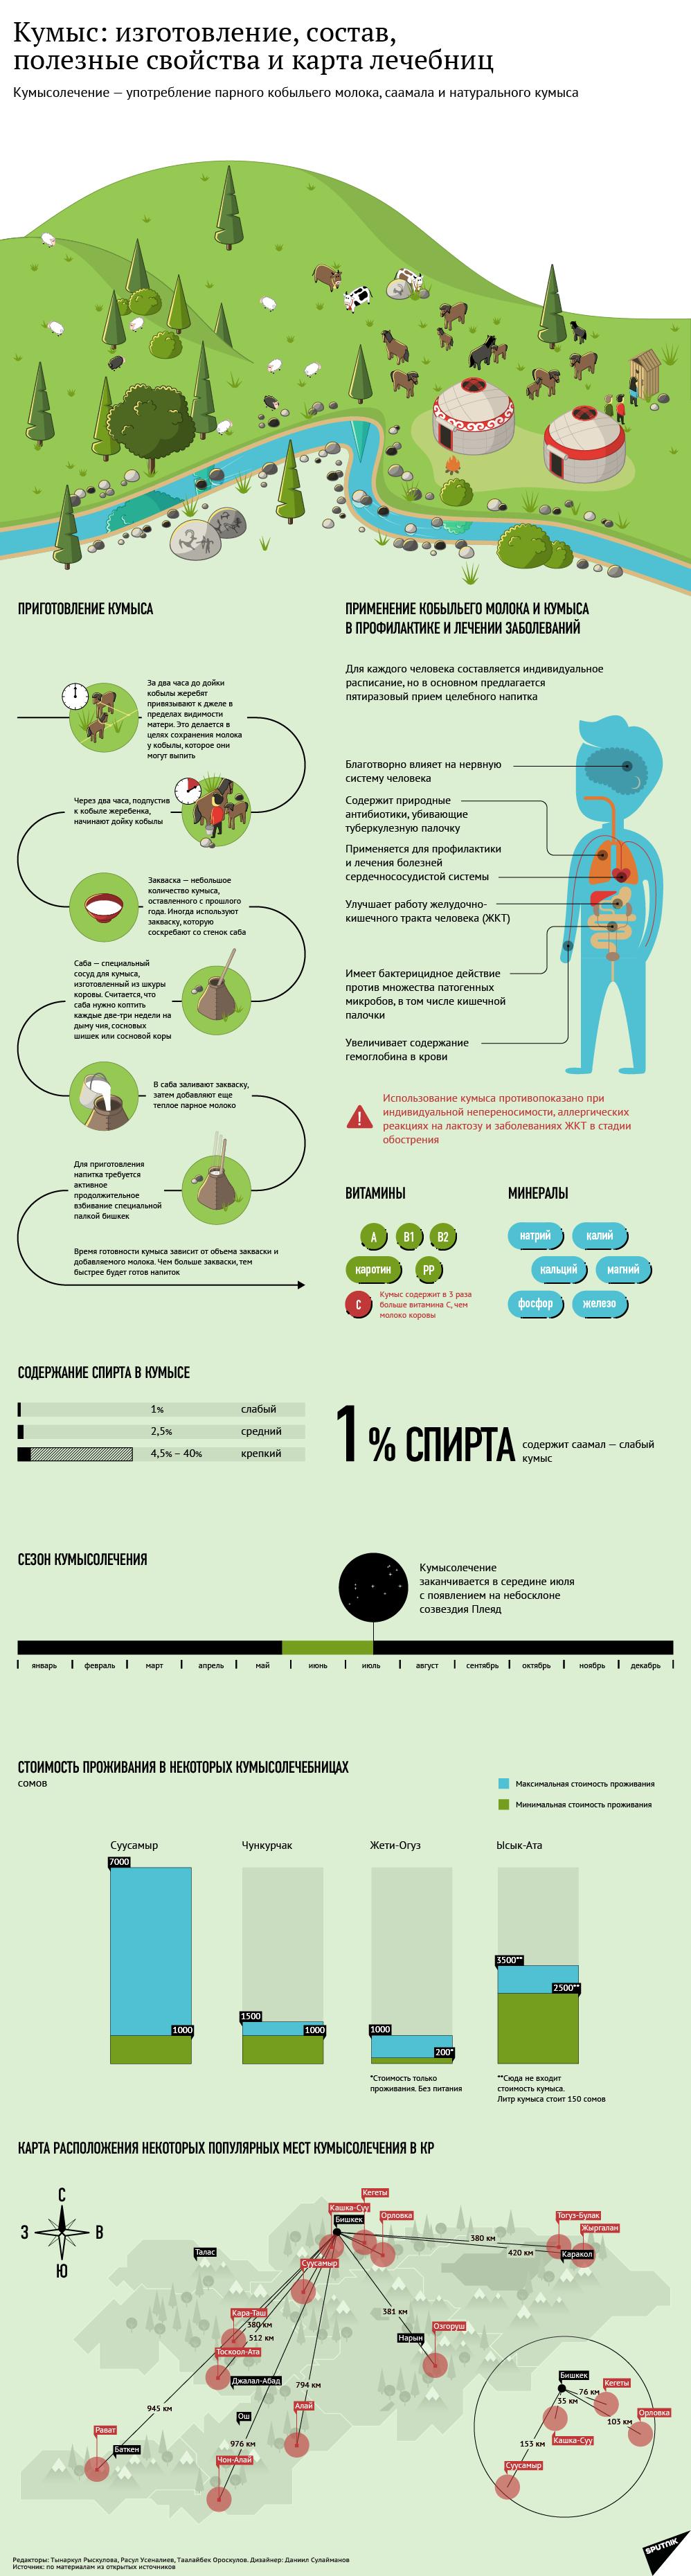 Кумыс: изготовление, состав, полезные свойства и карта лечебниц